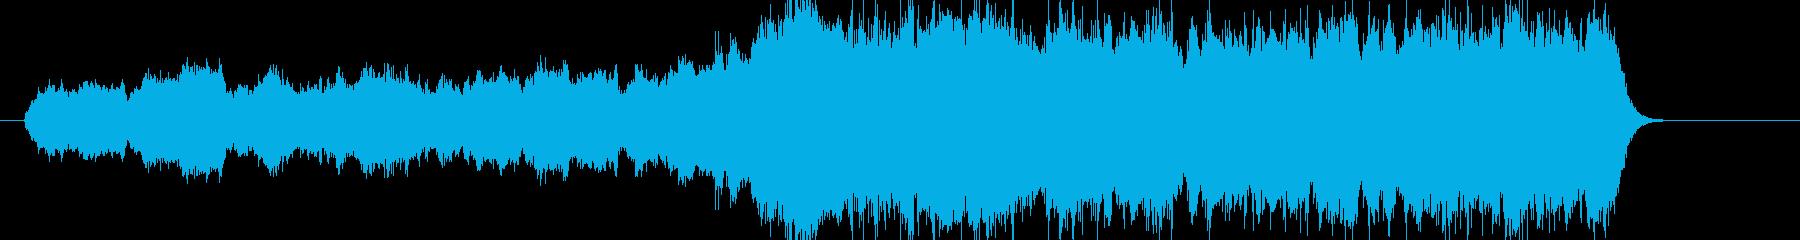 壮大なストリングス曲の再生済みの波形